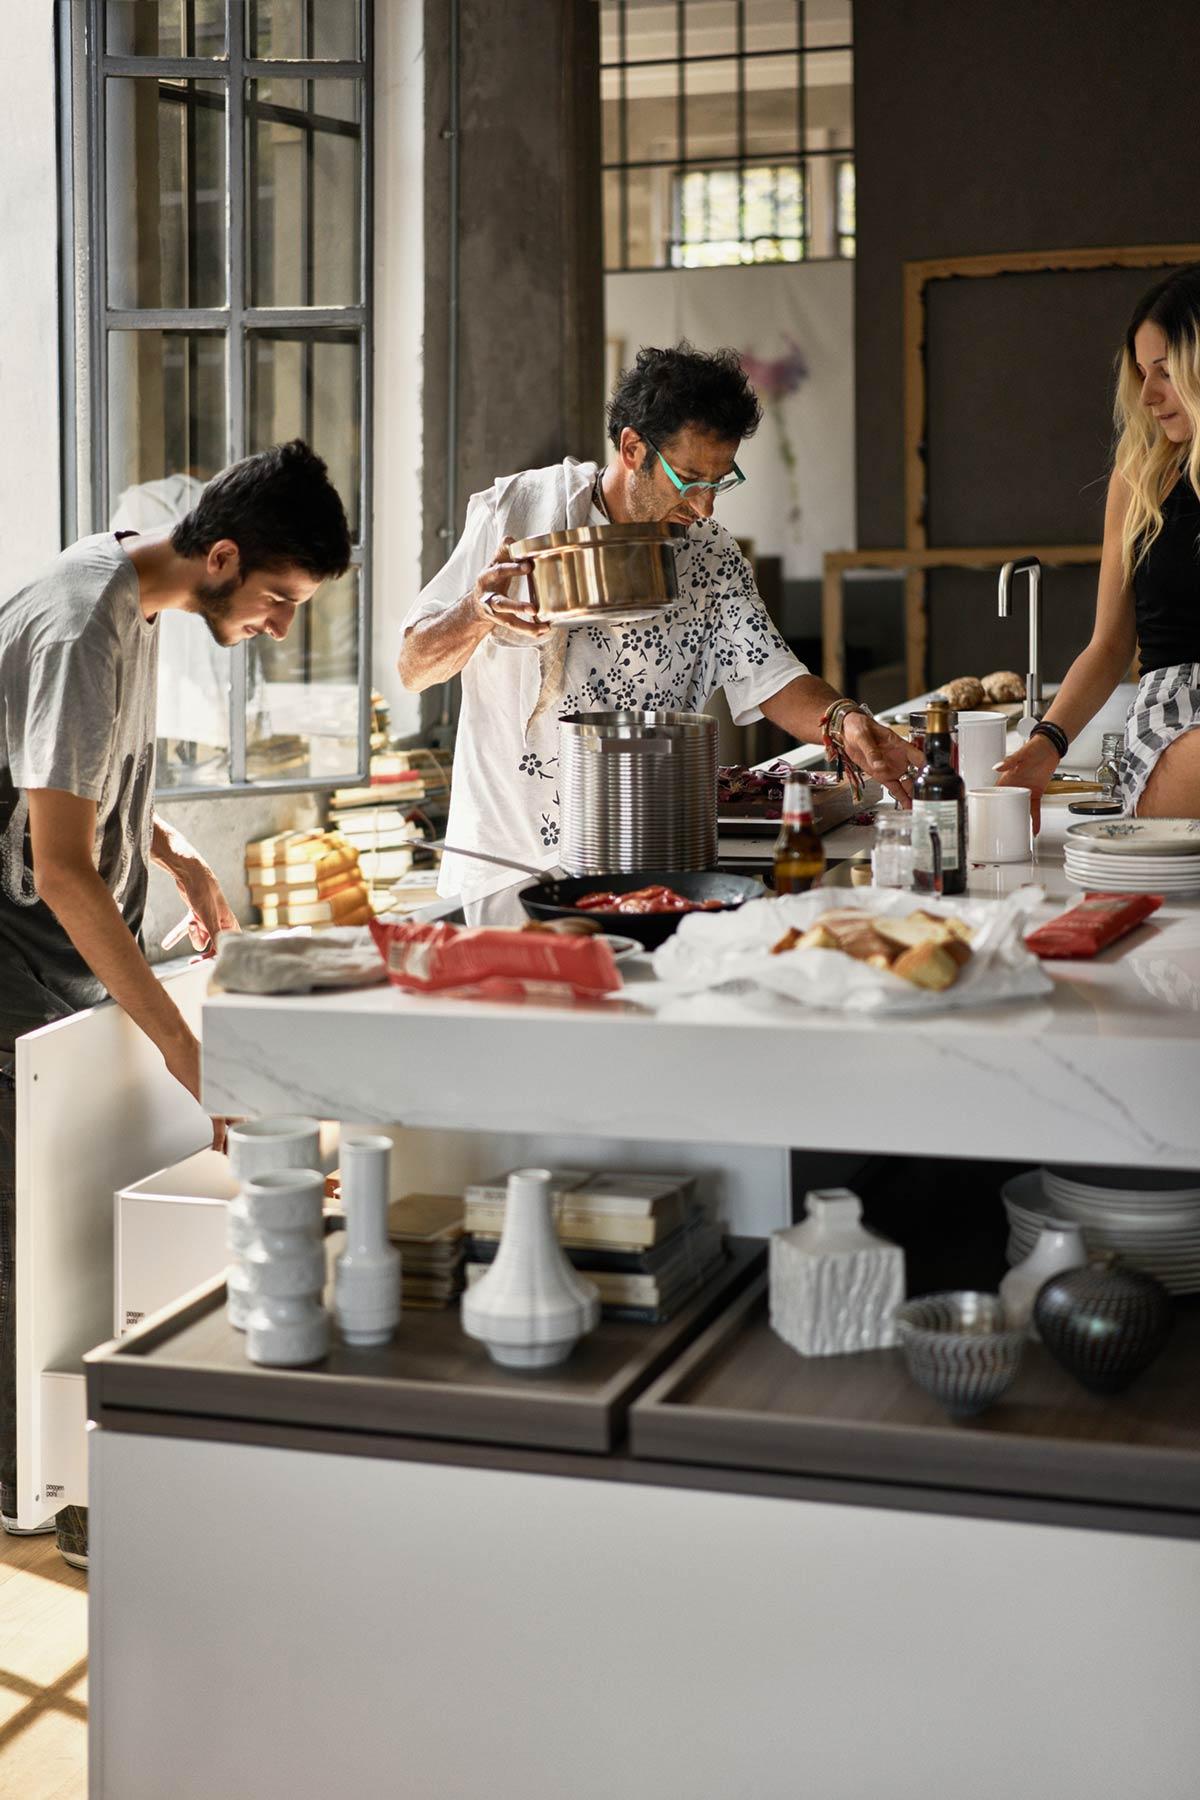 Das Insel-Layout ist ideal zum gemeinsamen Kochen